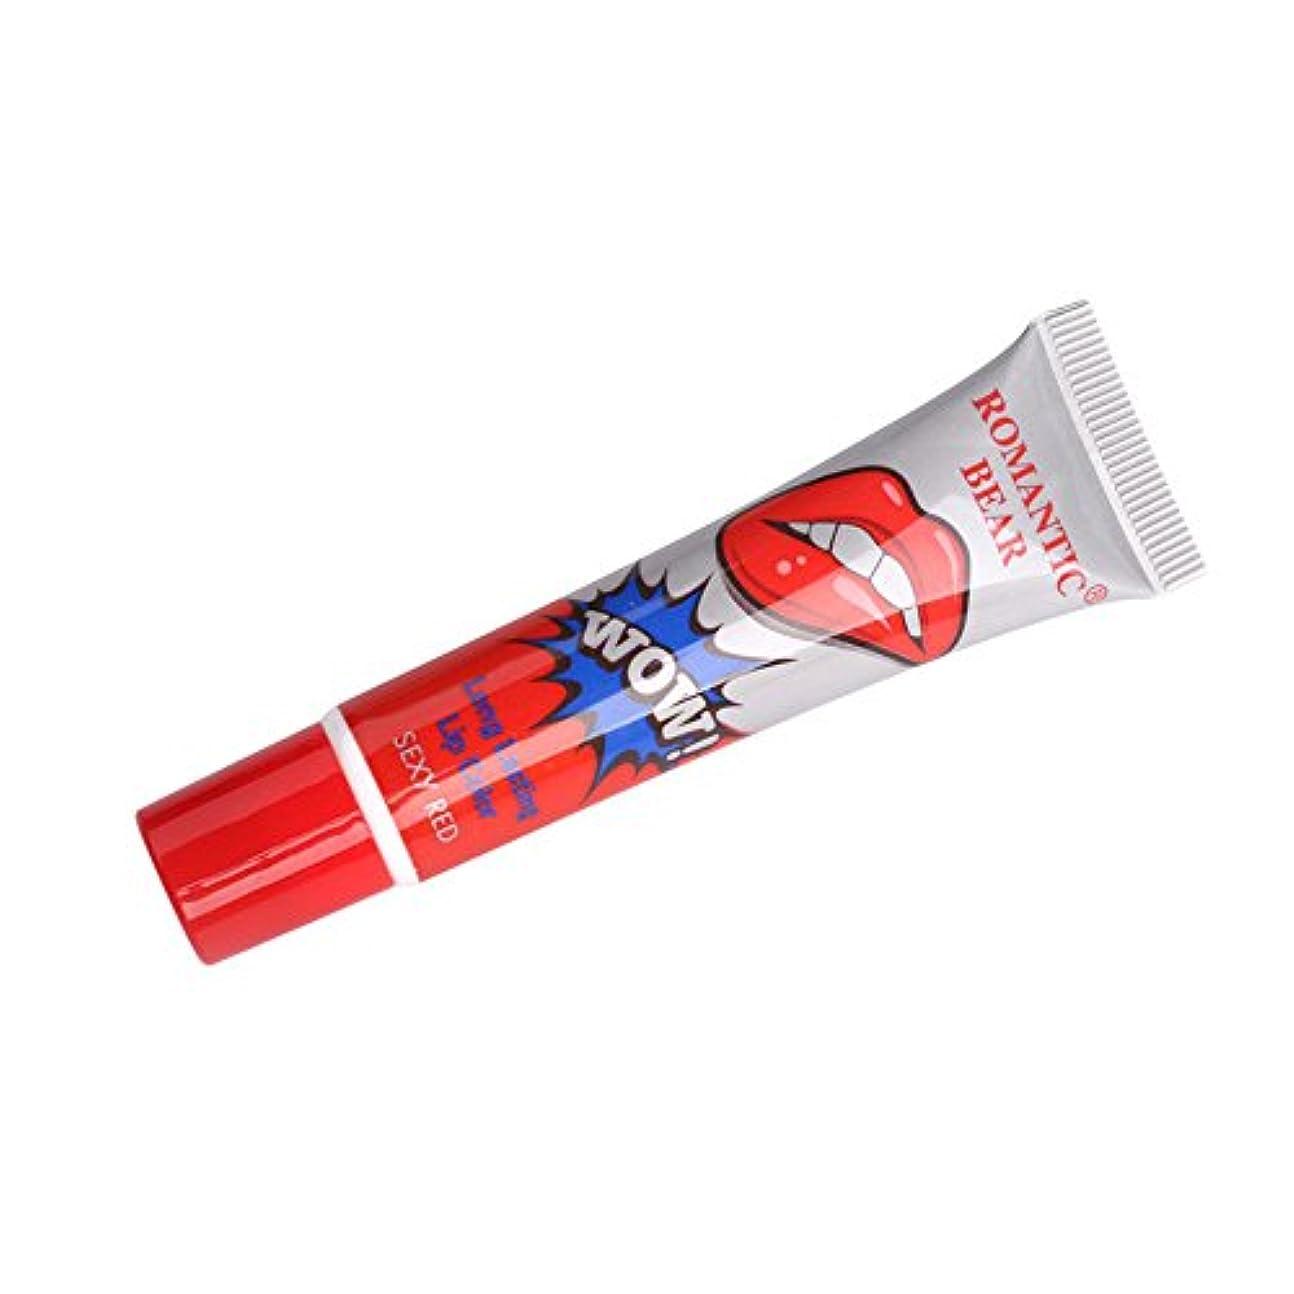 ビューティー 口紅 Jopinica 引き裂き型 リップグロス Romantic Bear 女性たち 防水 ガールズ 多色 化粧唇 持ち運び便利 光沢 自然立体 ナチュラル 鮮やかな発色 透明 キラキラ キャンメイク暖色系